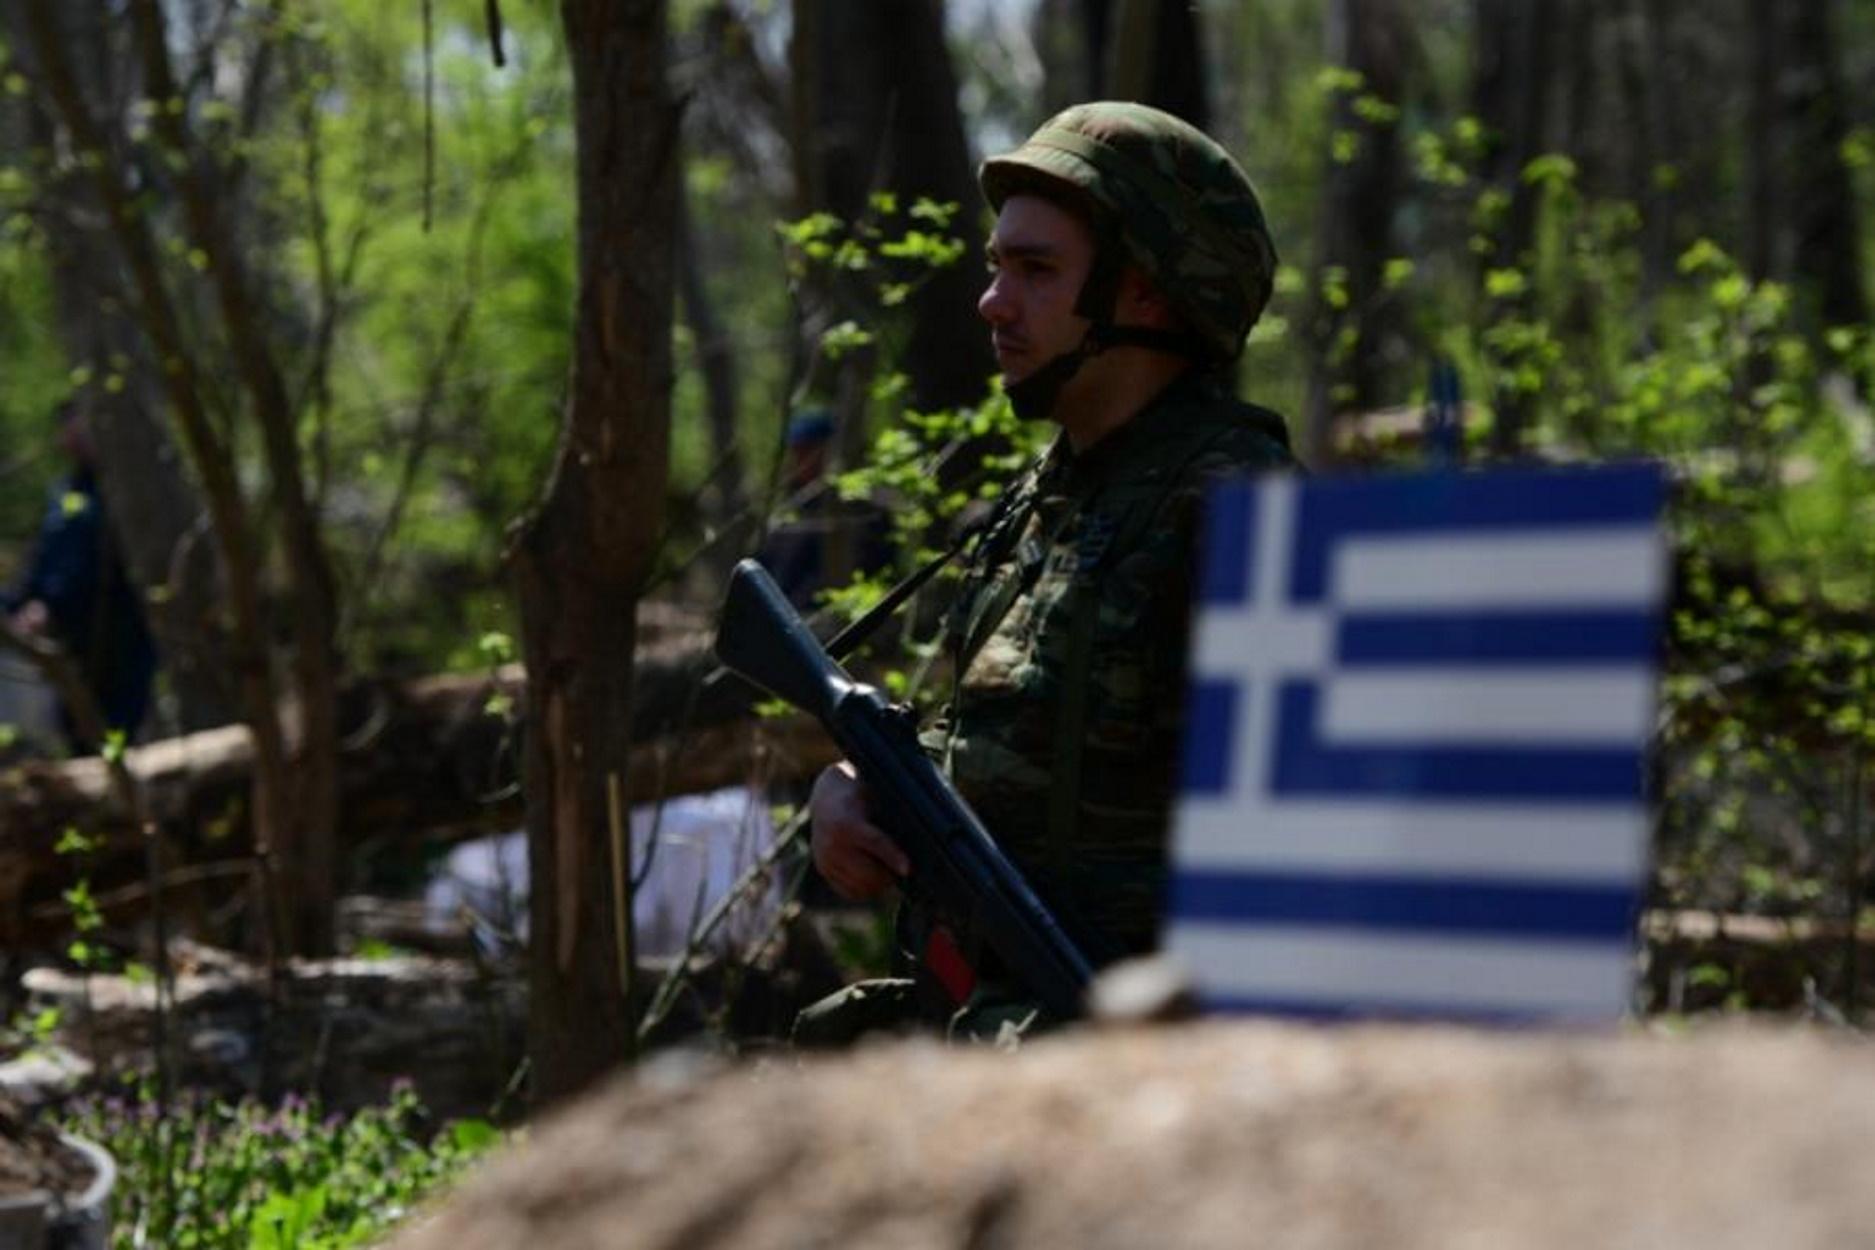 Φρούριο ο Έβρος! 400 αστυνομικοί μετακινούνται στα σύνορα